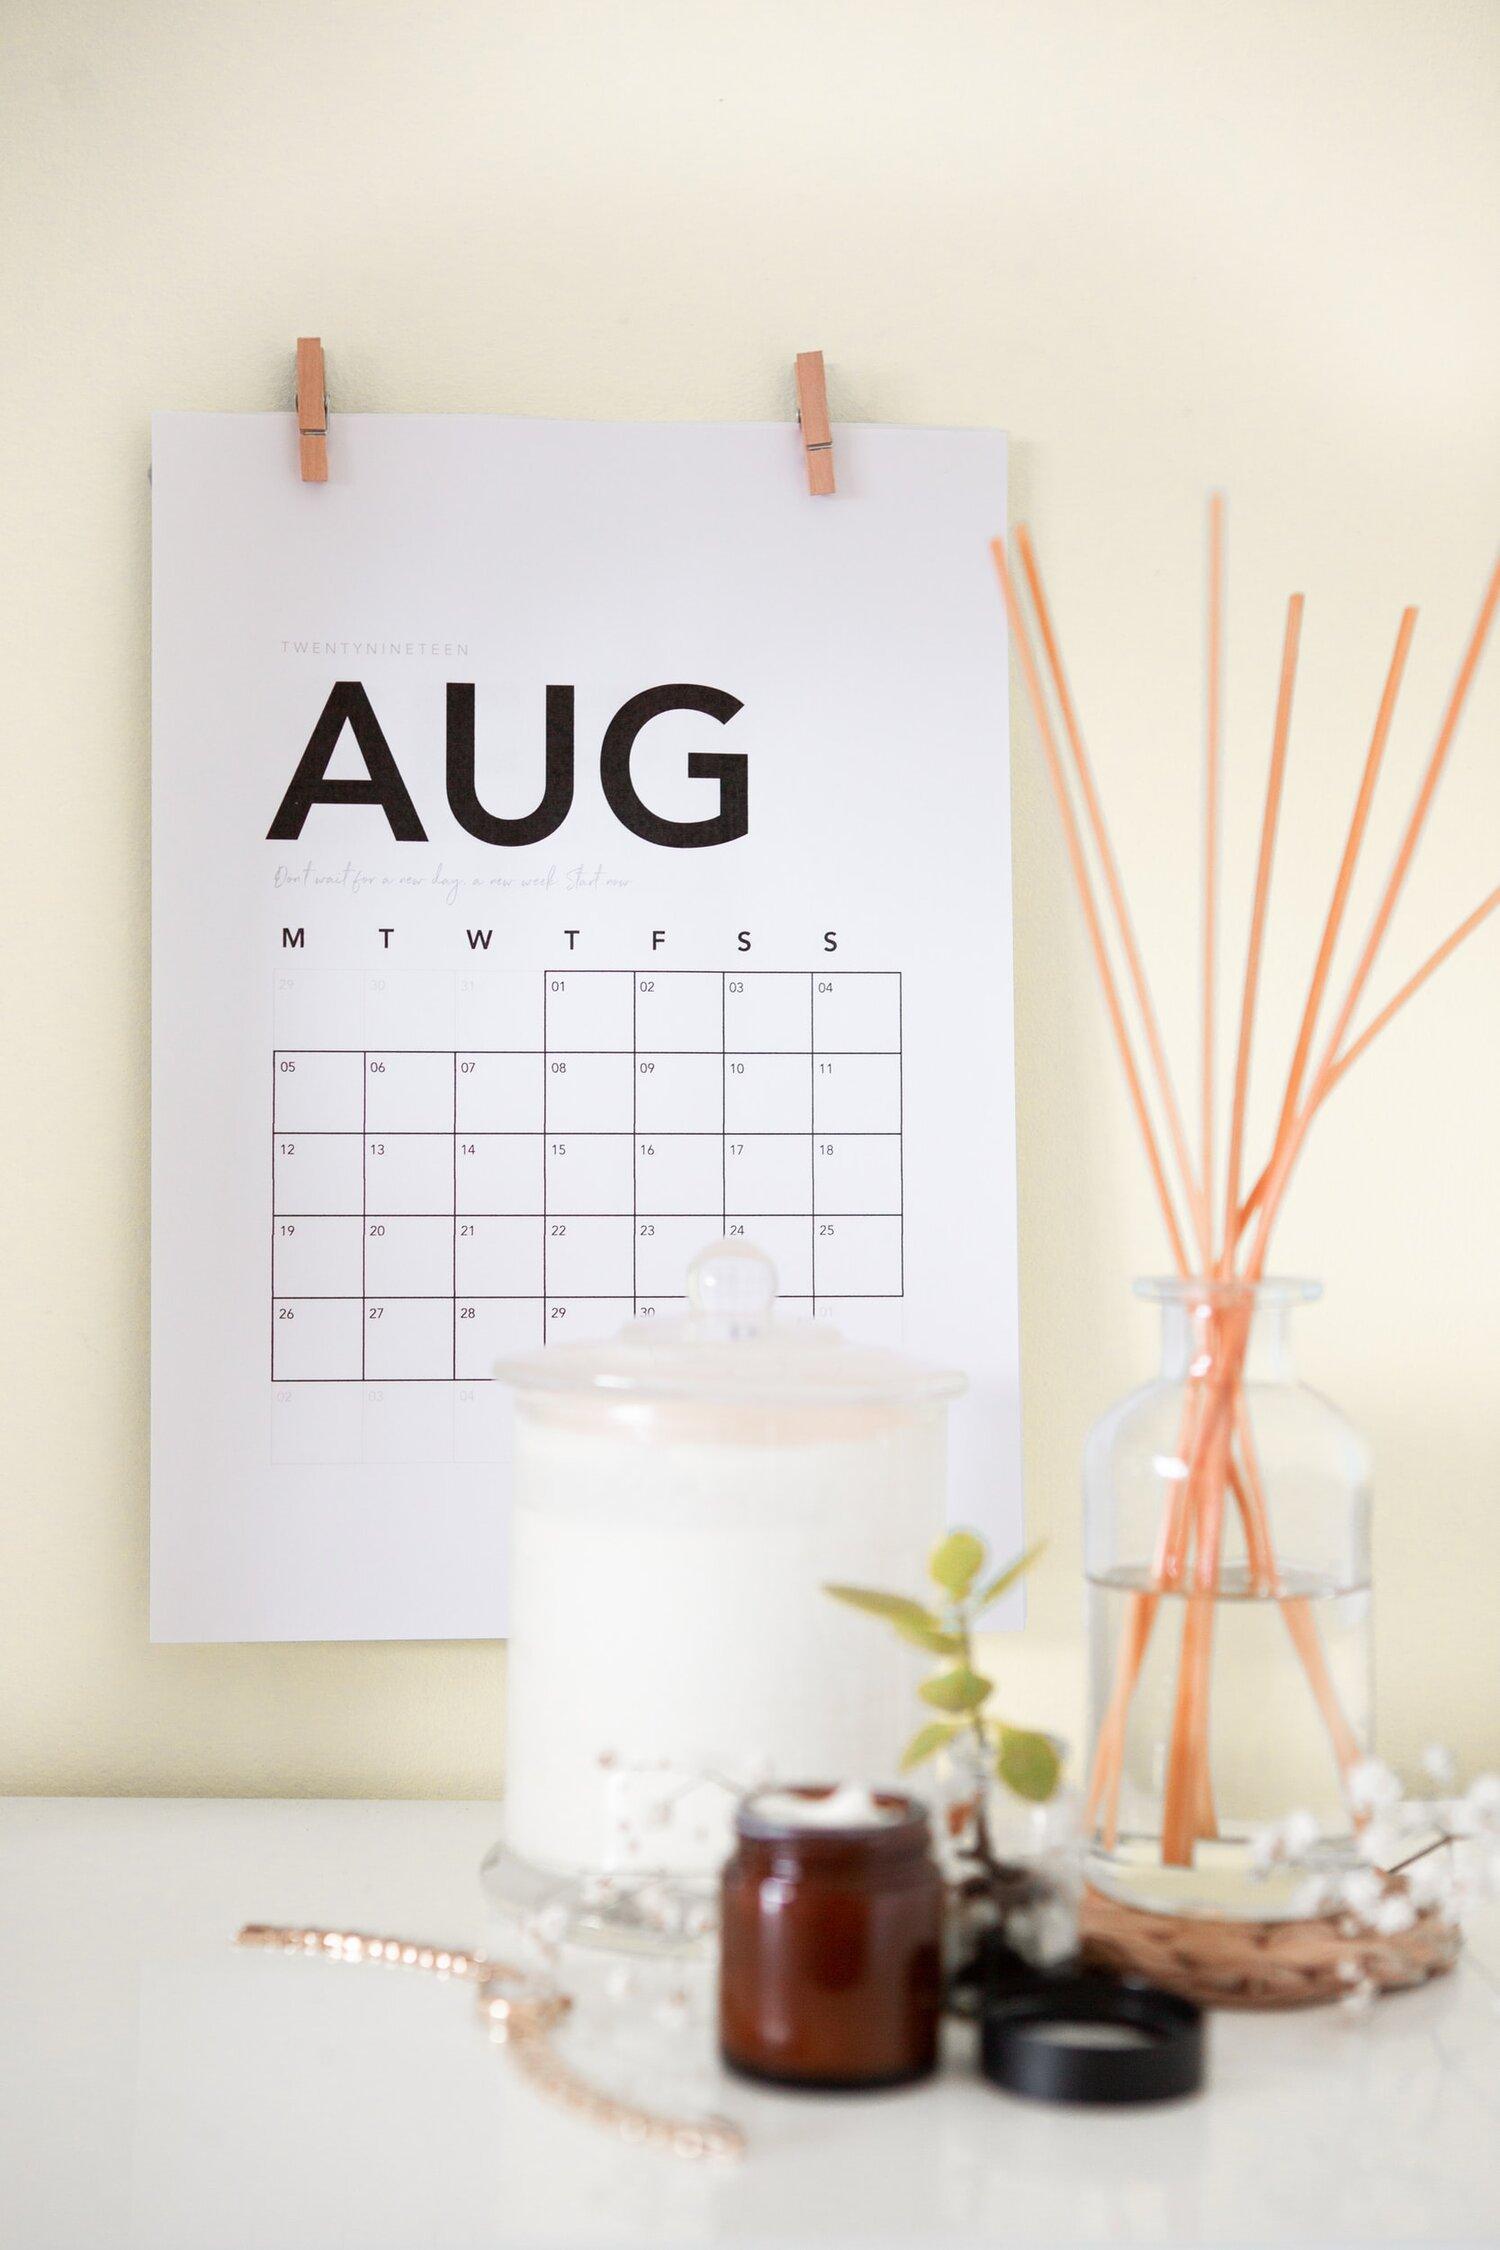 Hcpss Calendar 2022.Hcpss Calendar 2021 2022 Laurel Woods Elementary School Parent Teacher Organization